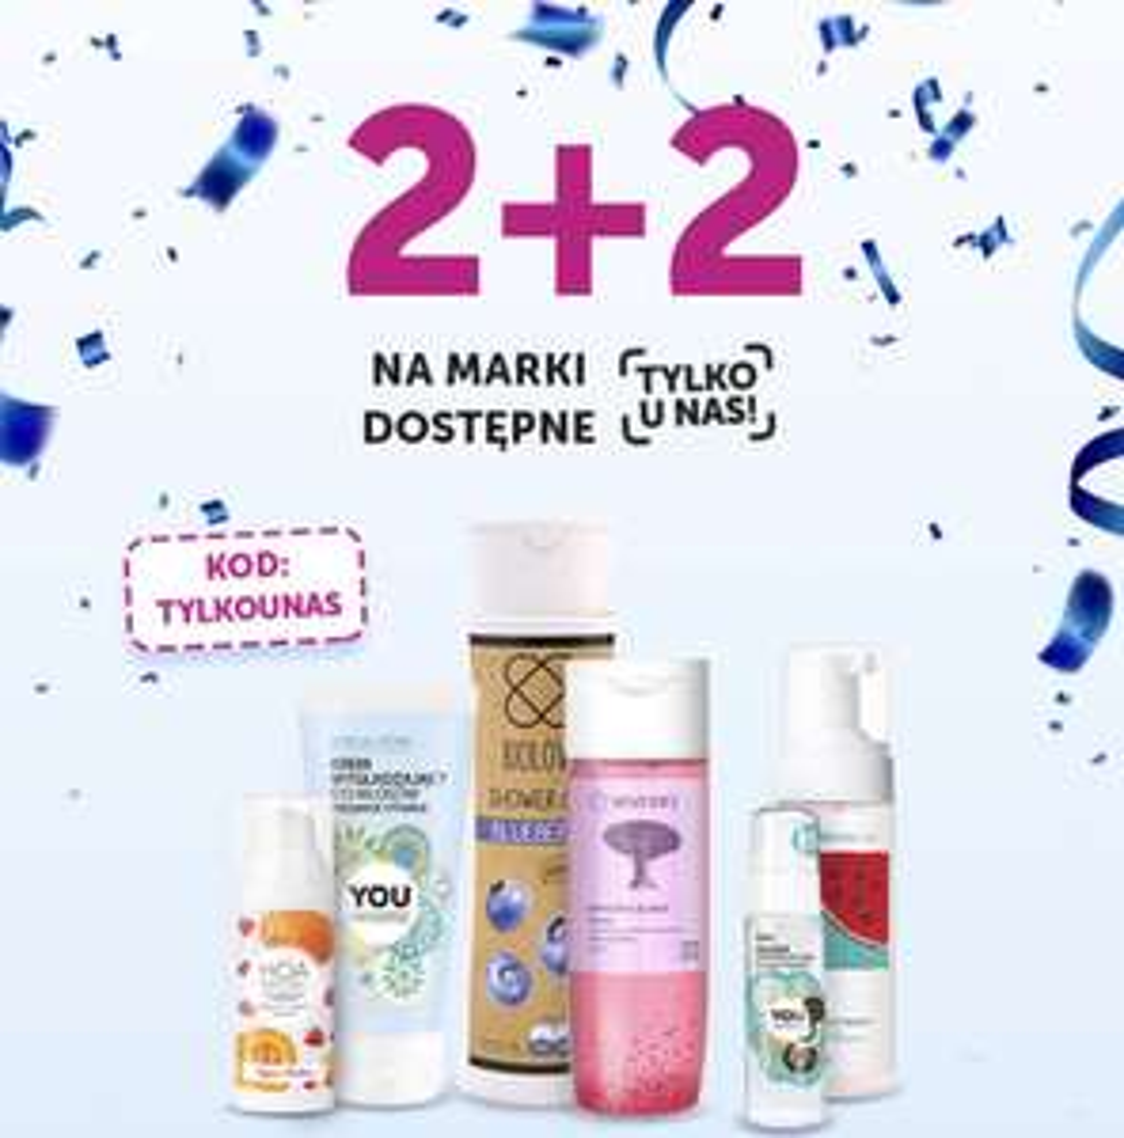 2+2 na marki dostępne tylko w KONTIGO